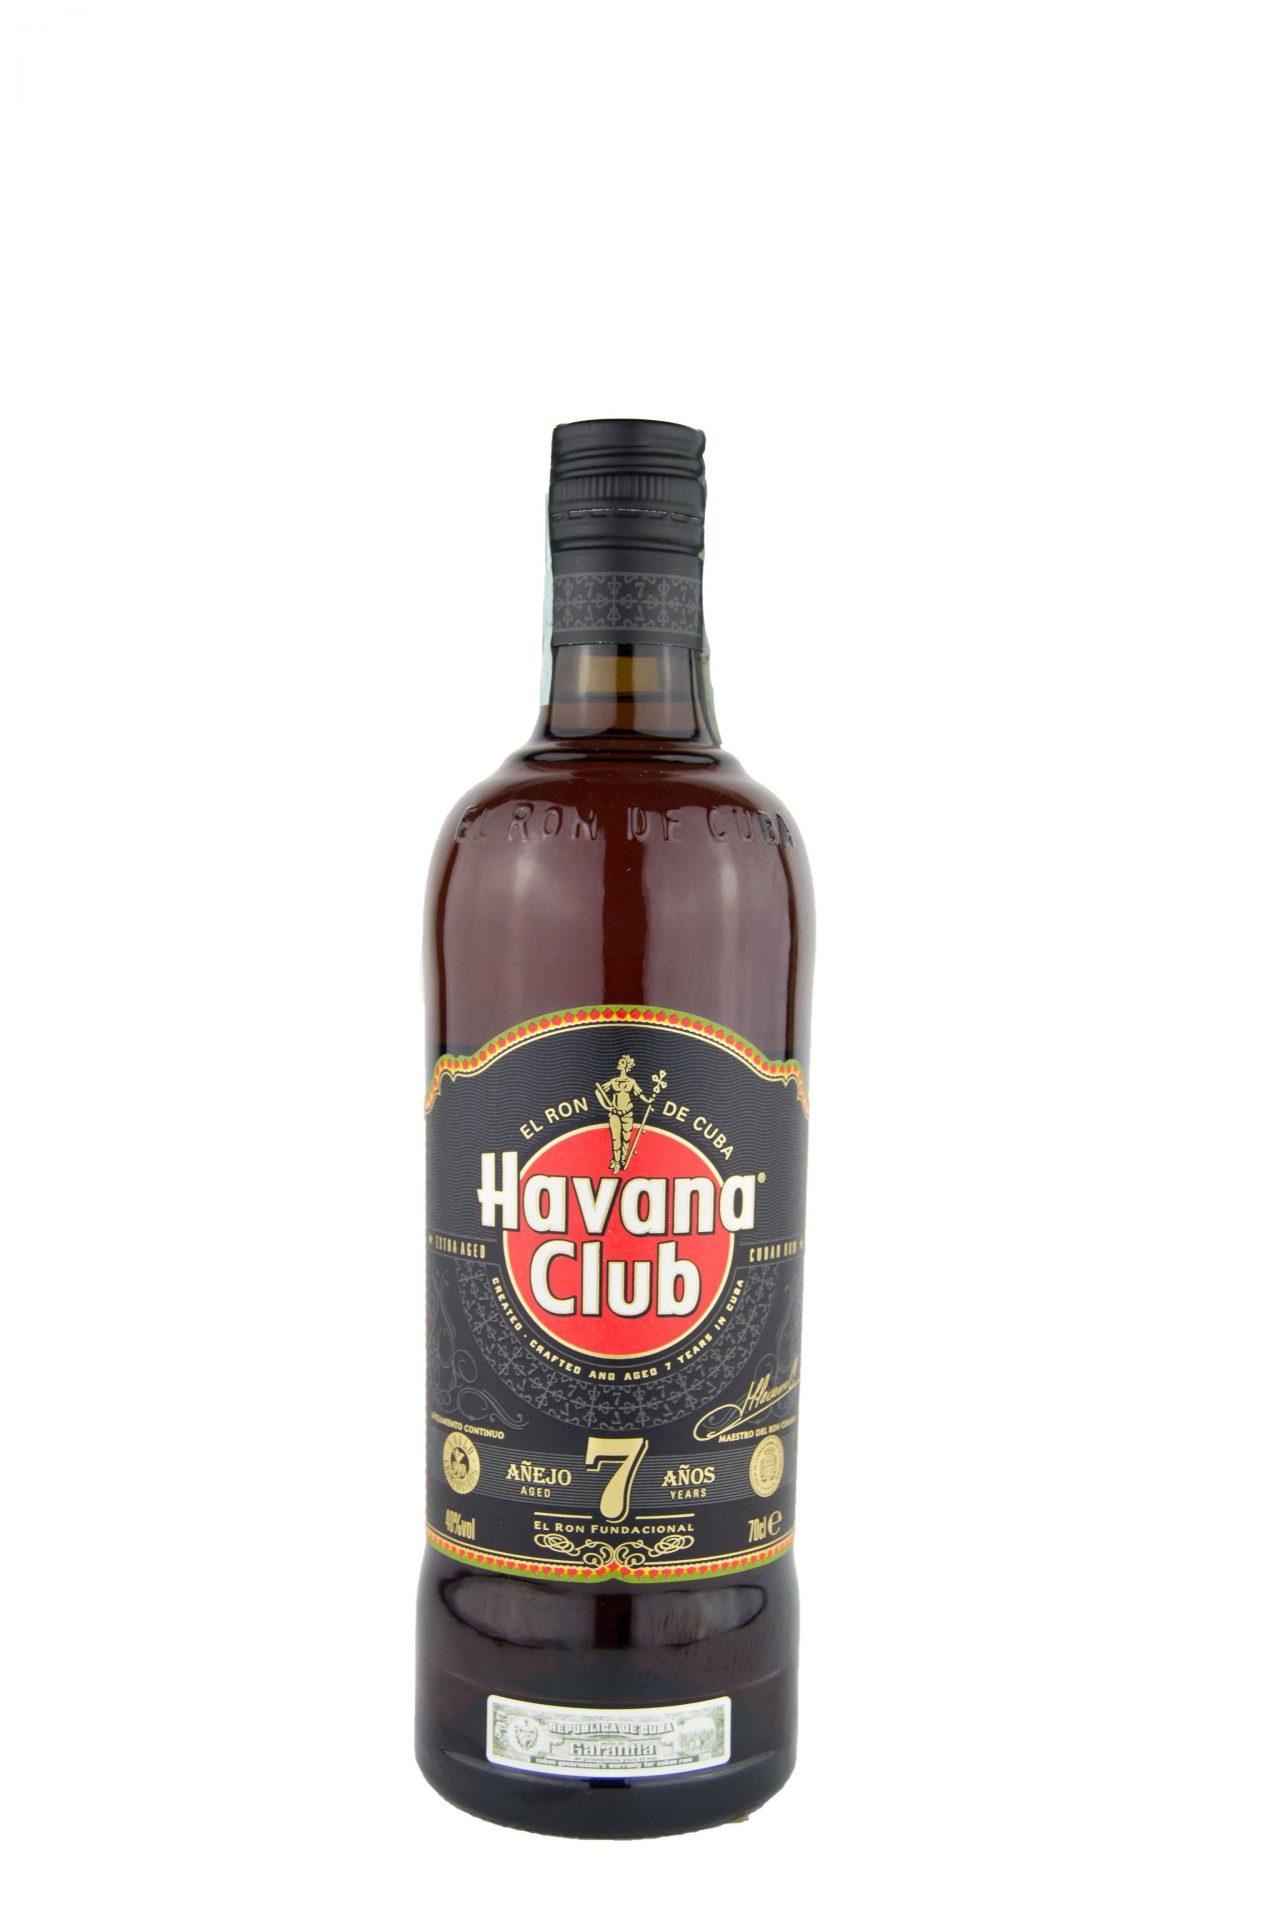 Havana Club – Anejo 7 Anos